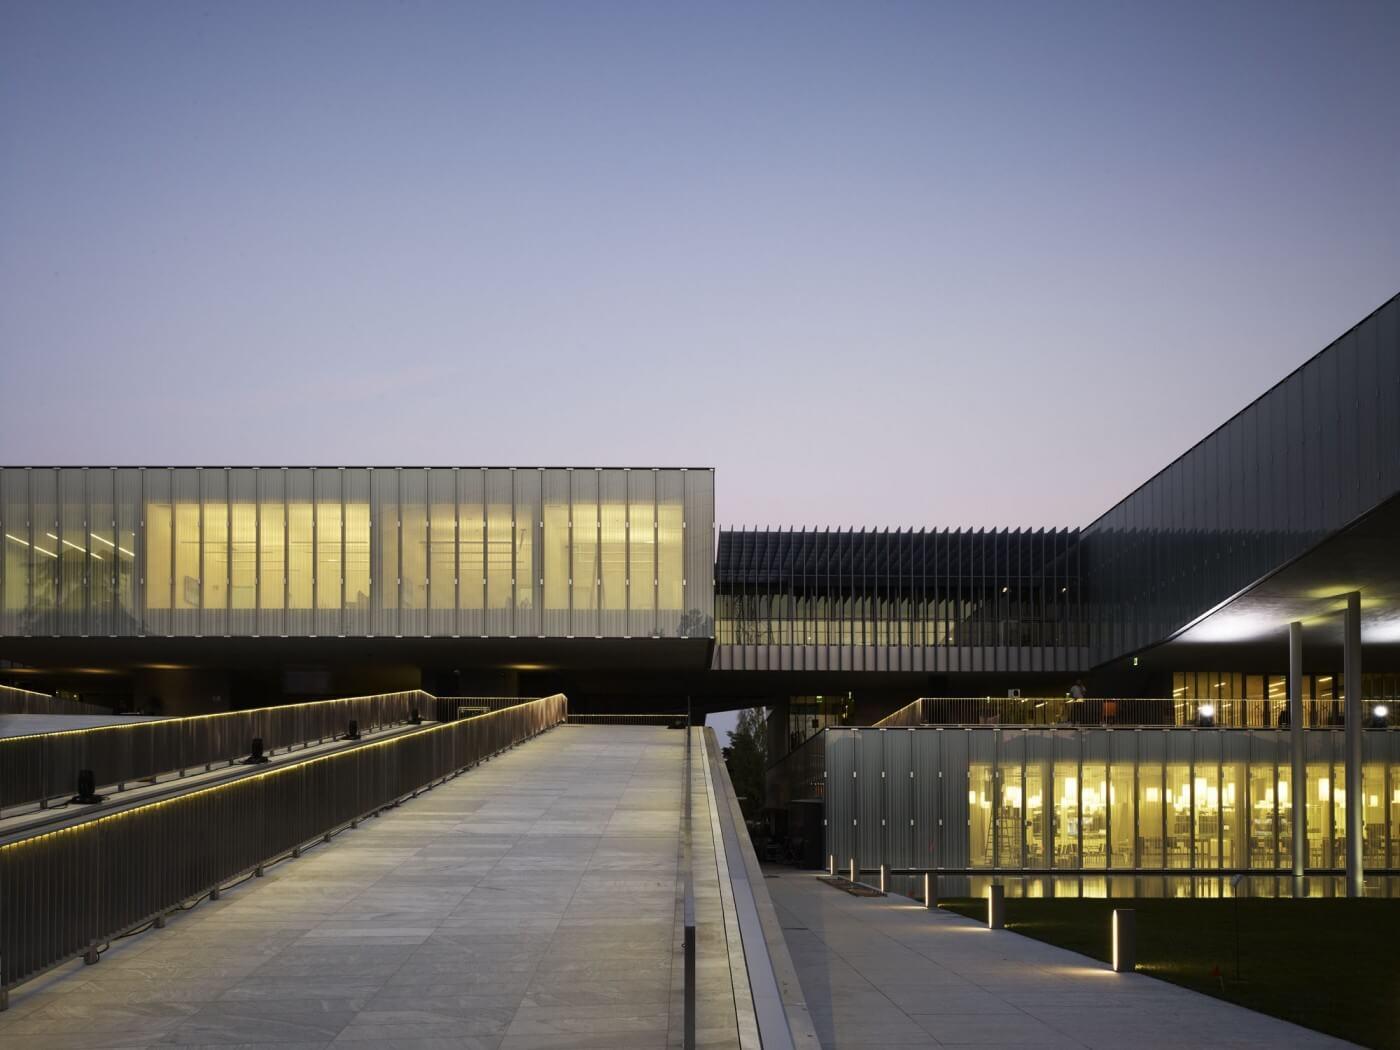 Mast, il centro polifunzionale ricco di arte